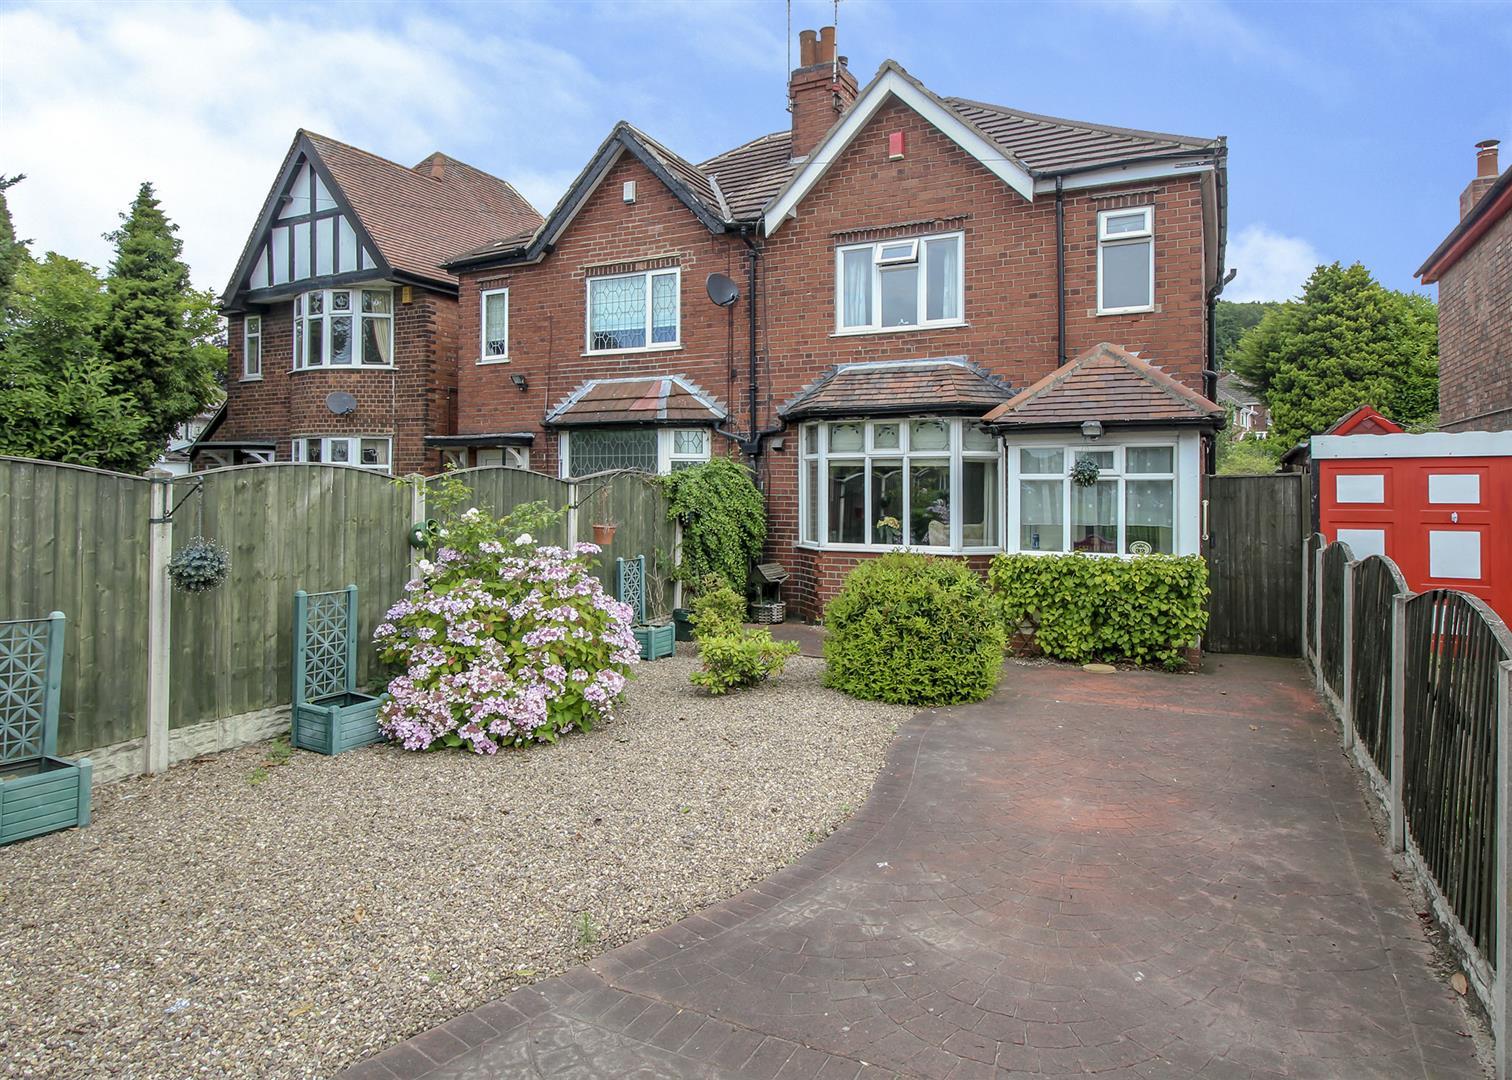 3 Bedrooms Property for sale in Ilkeston Road, Stapleford